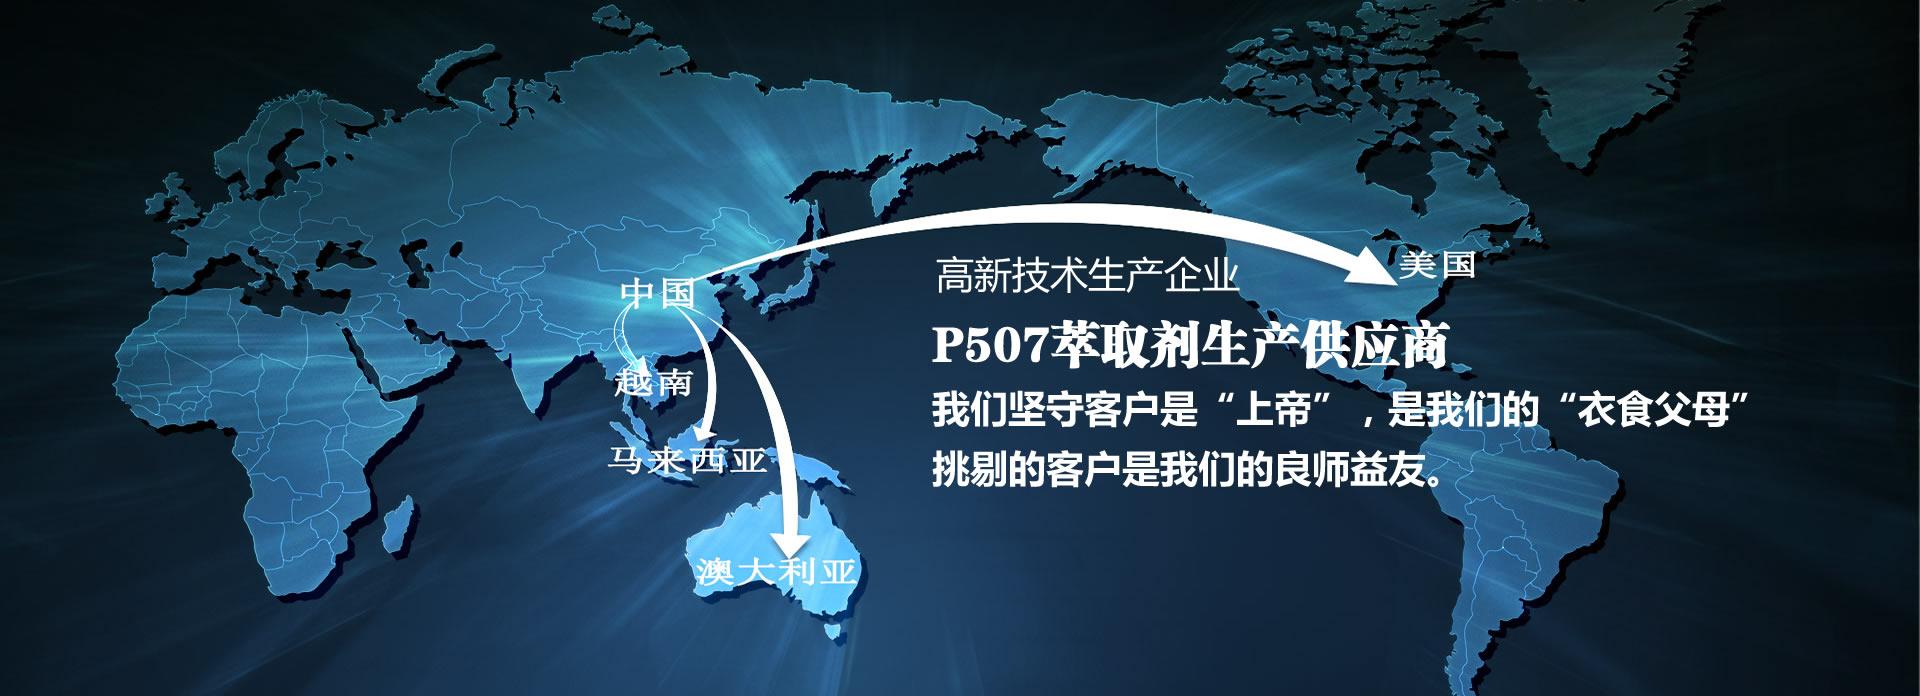 P507jrs直播直播剂生产供应商,销往东南亚、美国、欧洲、南美等地区。